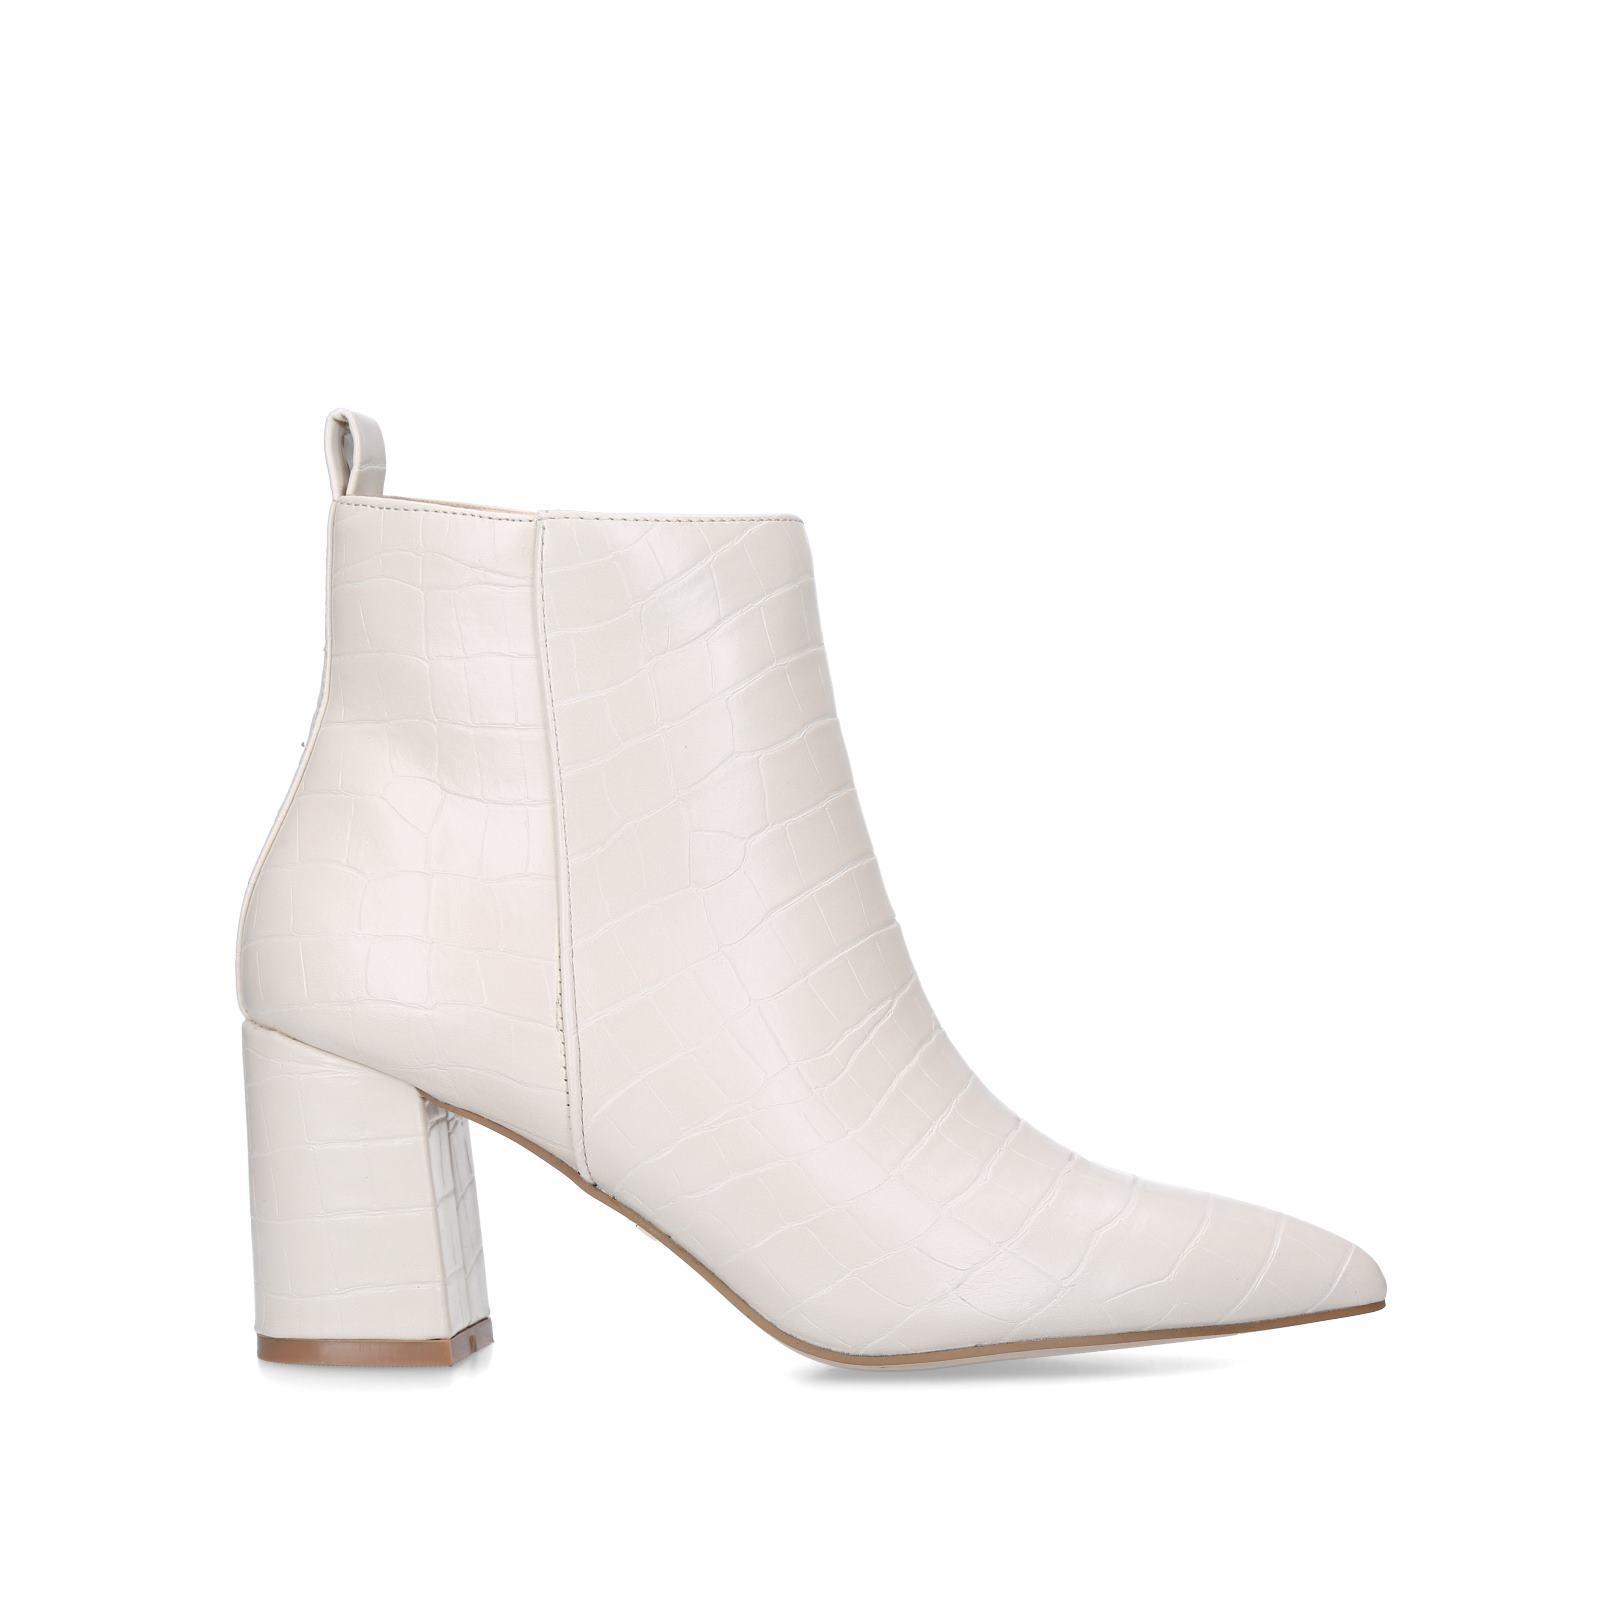 SUKI - KG KURT GEIGER Ankle Boots